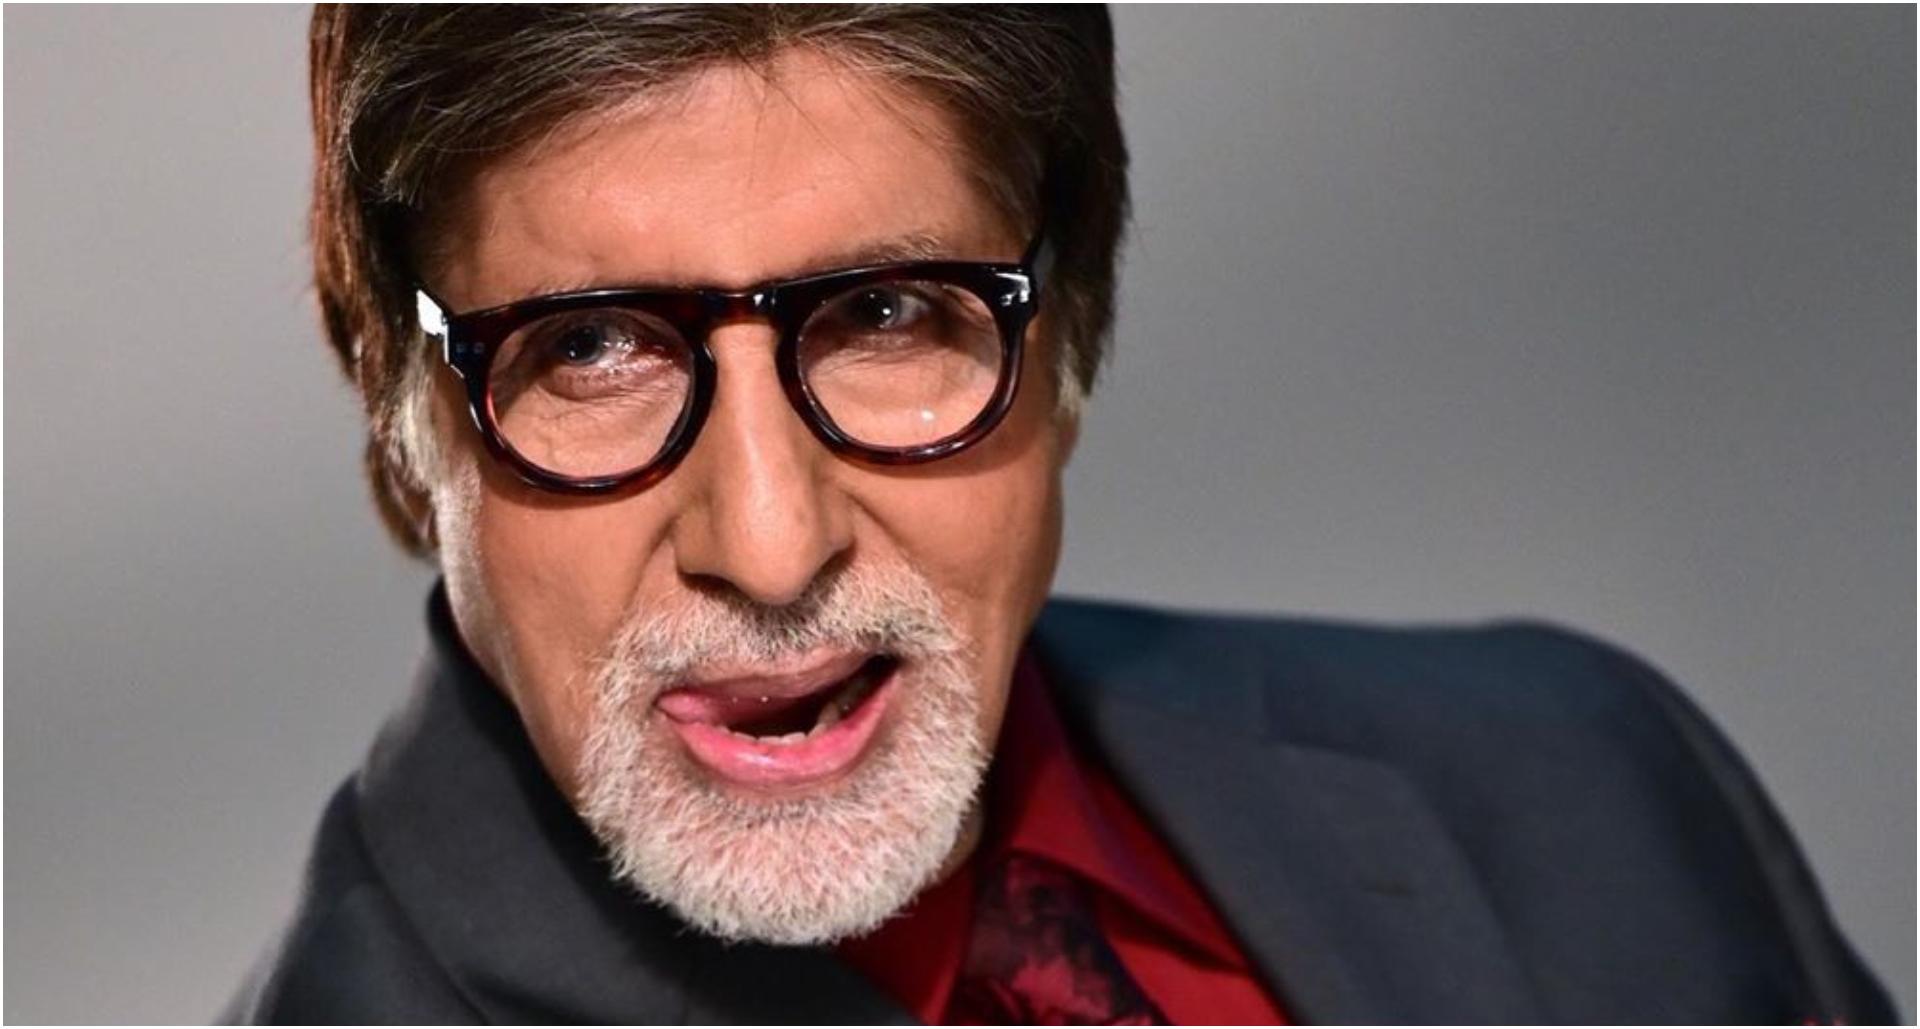 Bollywood Throwback: इस अभिनेत्री के पैसे नहीं चुका पाए थे अमिताभ बच्चन, क़र्ज़ में डूबे फिर उभरे!